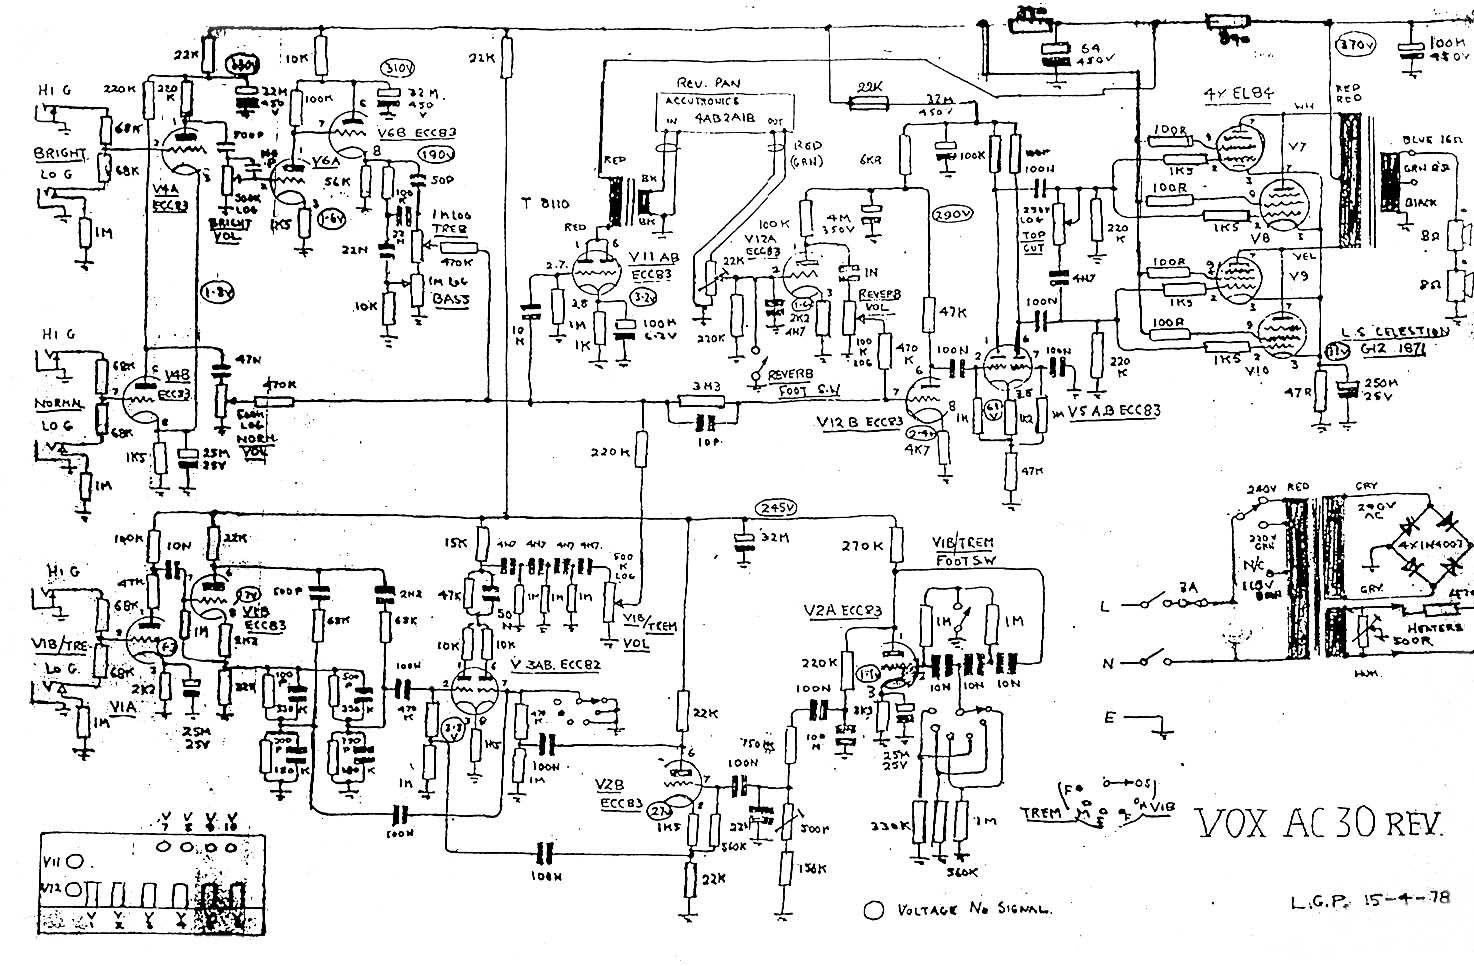 Vox AC30 Combo Amp Wiring Diagram | Circuit diagram, Diagram, Vox | Vox Amp Schematic |  | Pinterest